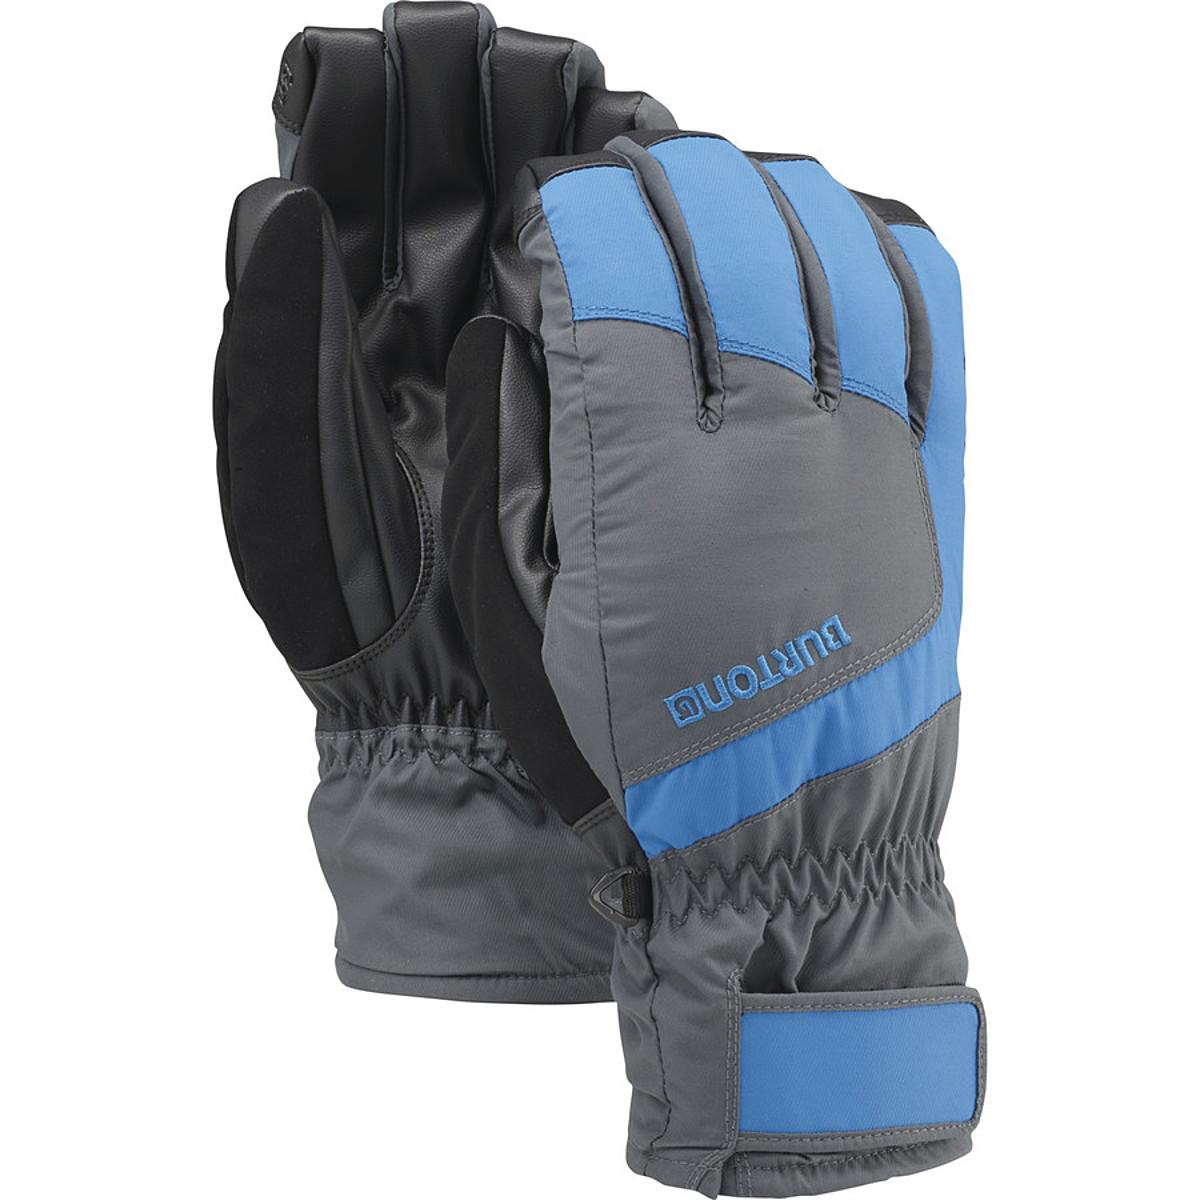 photo: Burton Profile Under Glove insulated glove/mitten